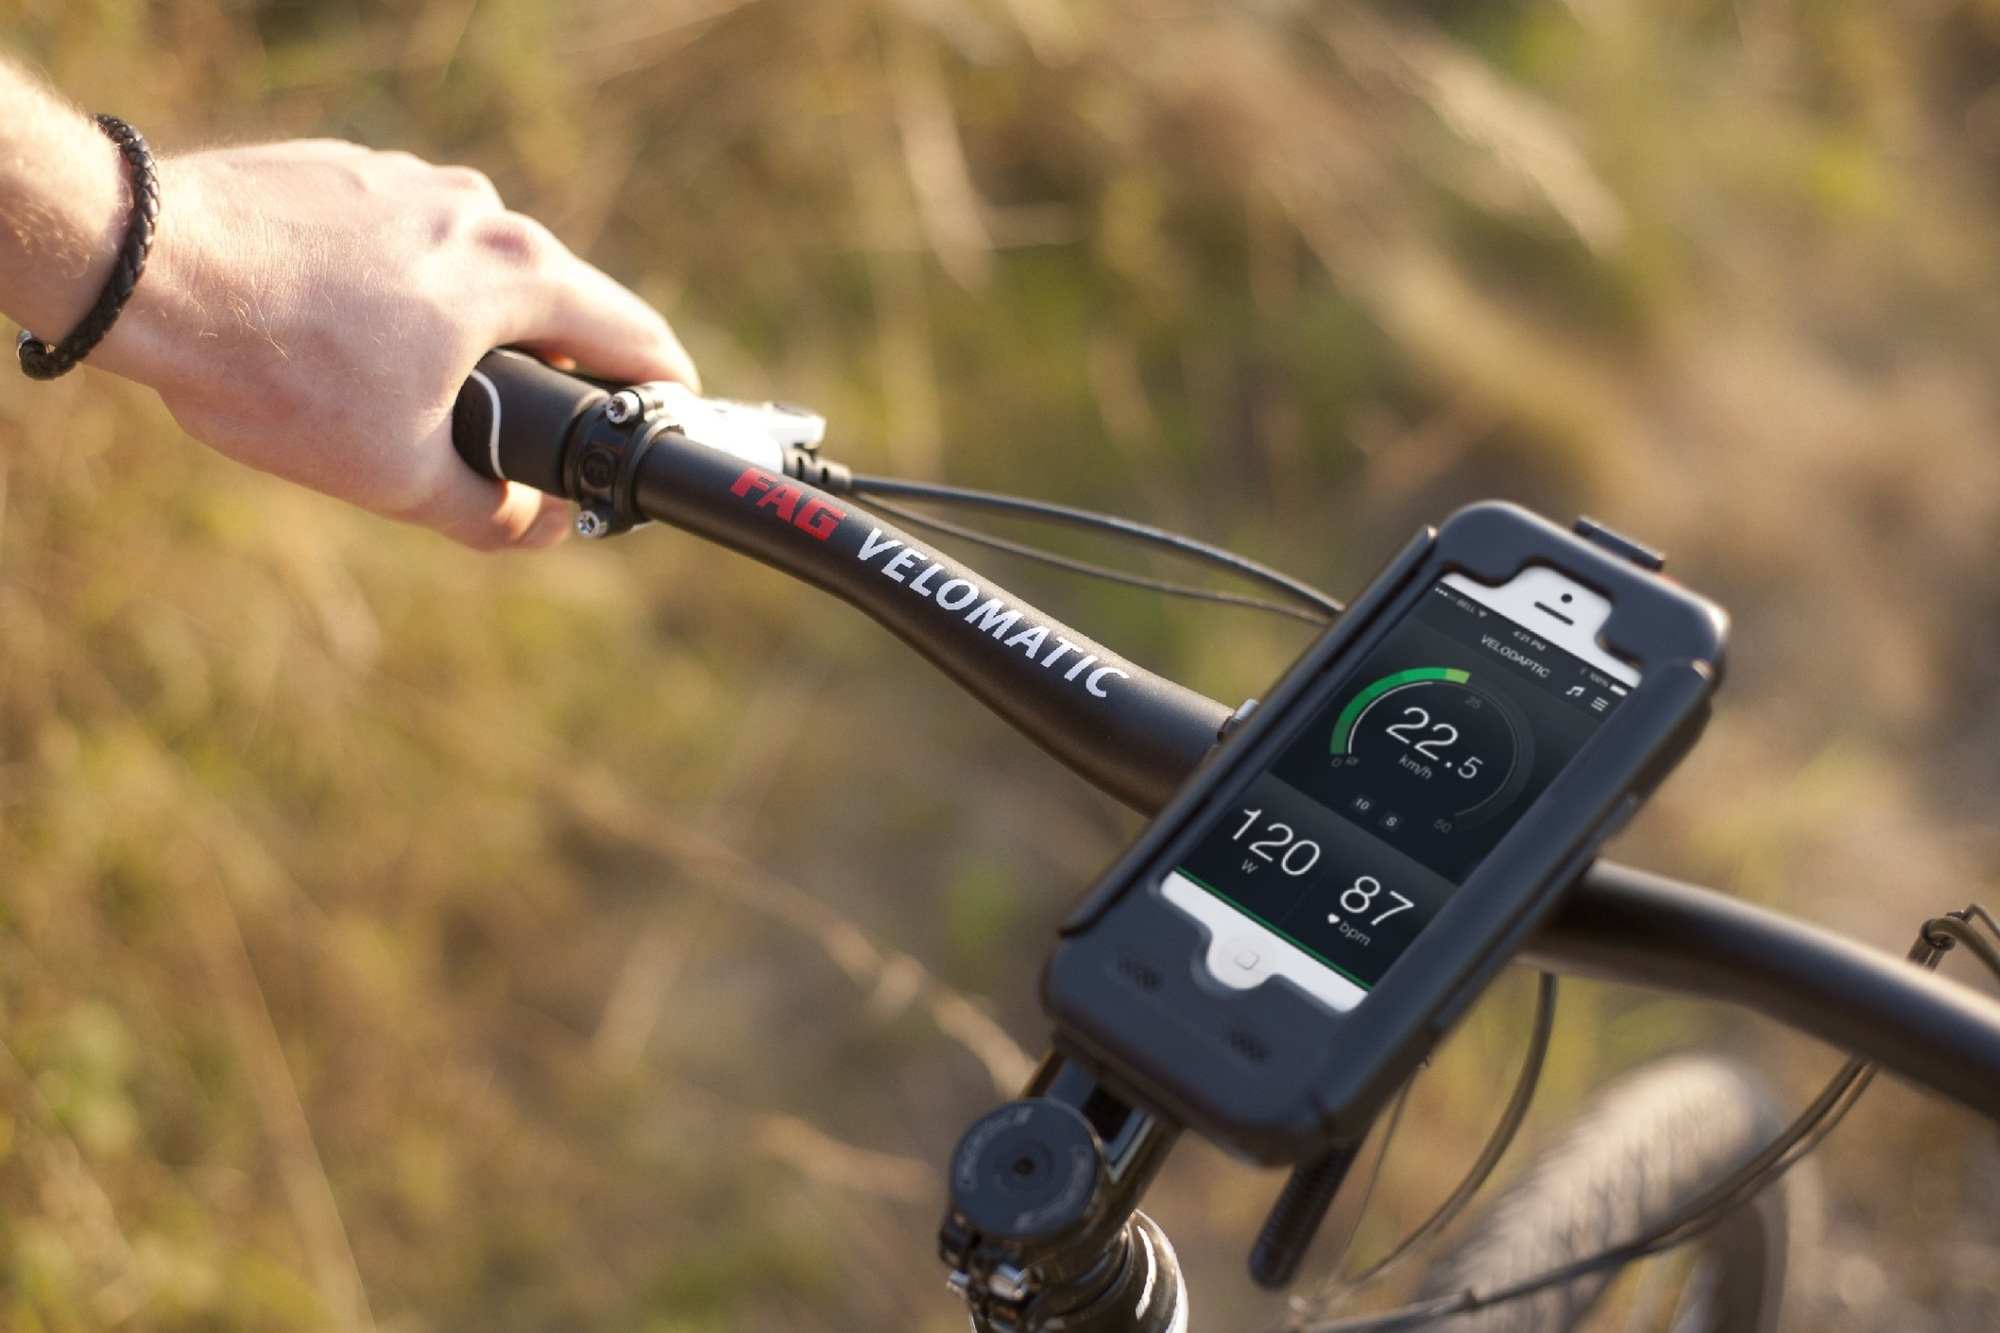 Vollautomatische Fahrradschaltung - Selber treten, schalten lassen